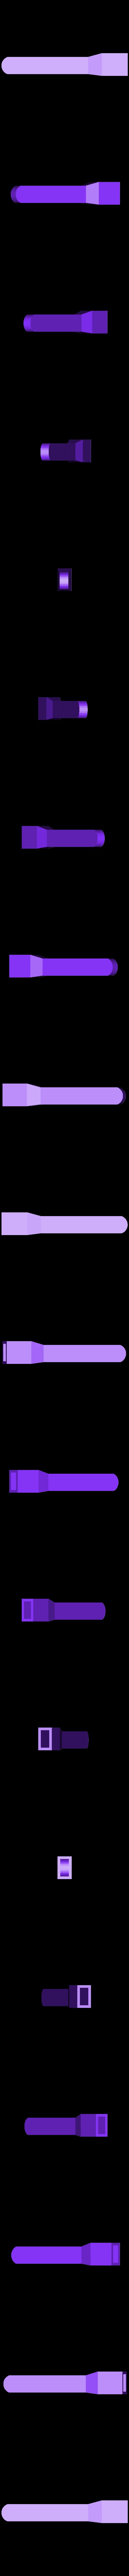 Can_Holder-_Extension.stl Télécharger fichier STL gratuit Porte-boîte pour canapé-lit • Objet pour imprimante 3D, DraftingJake